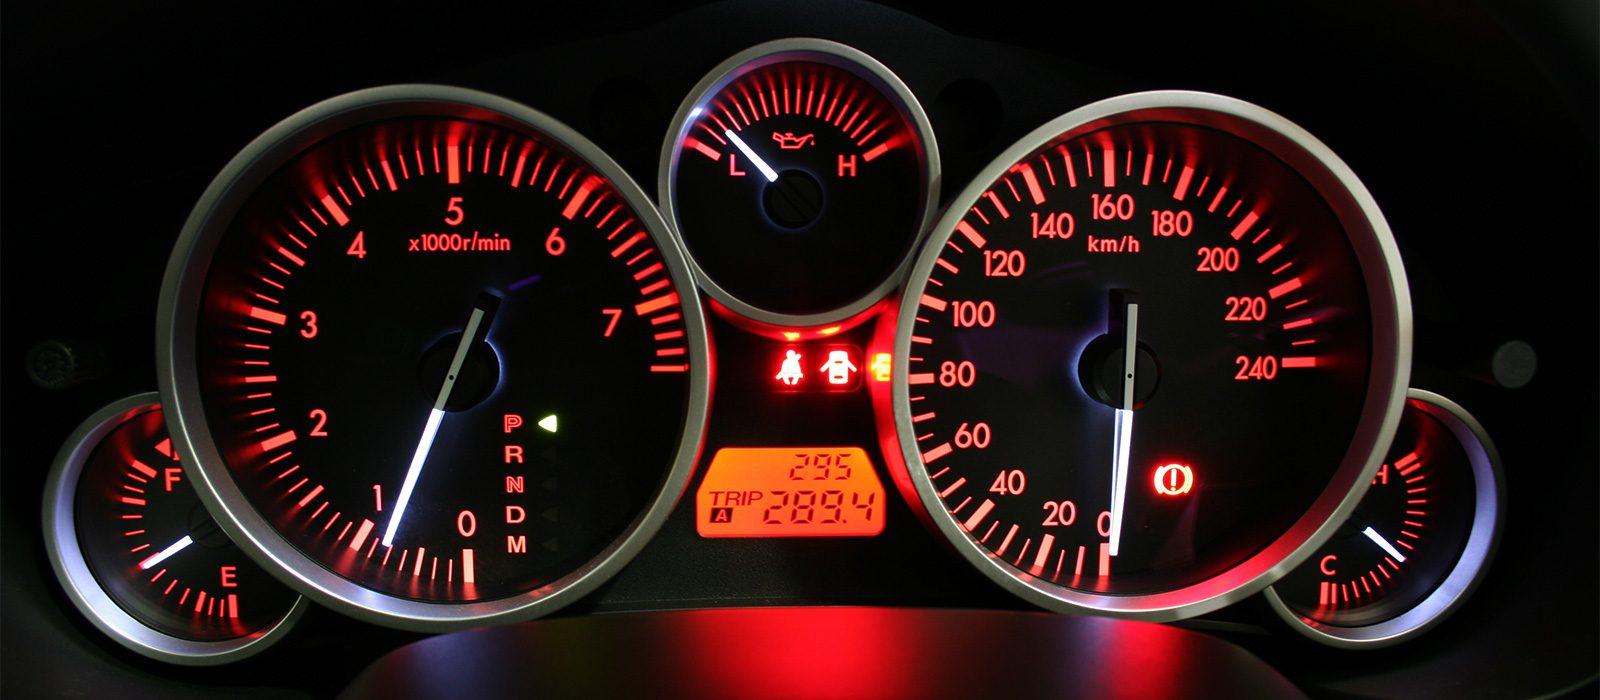 obes-mx5-speedo